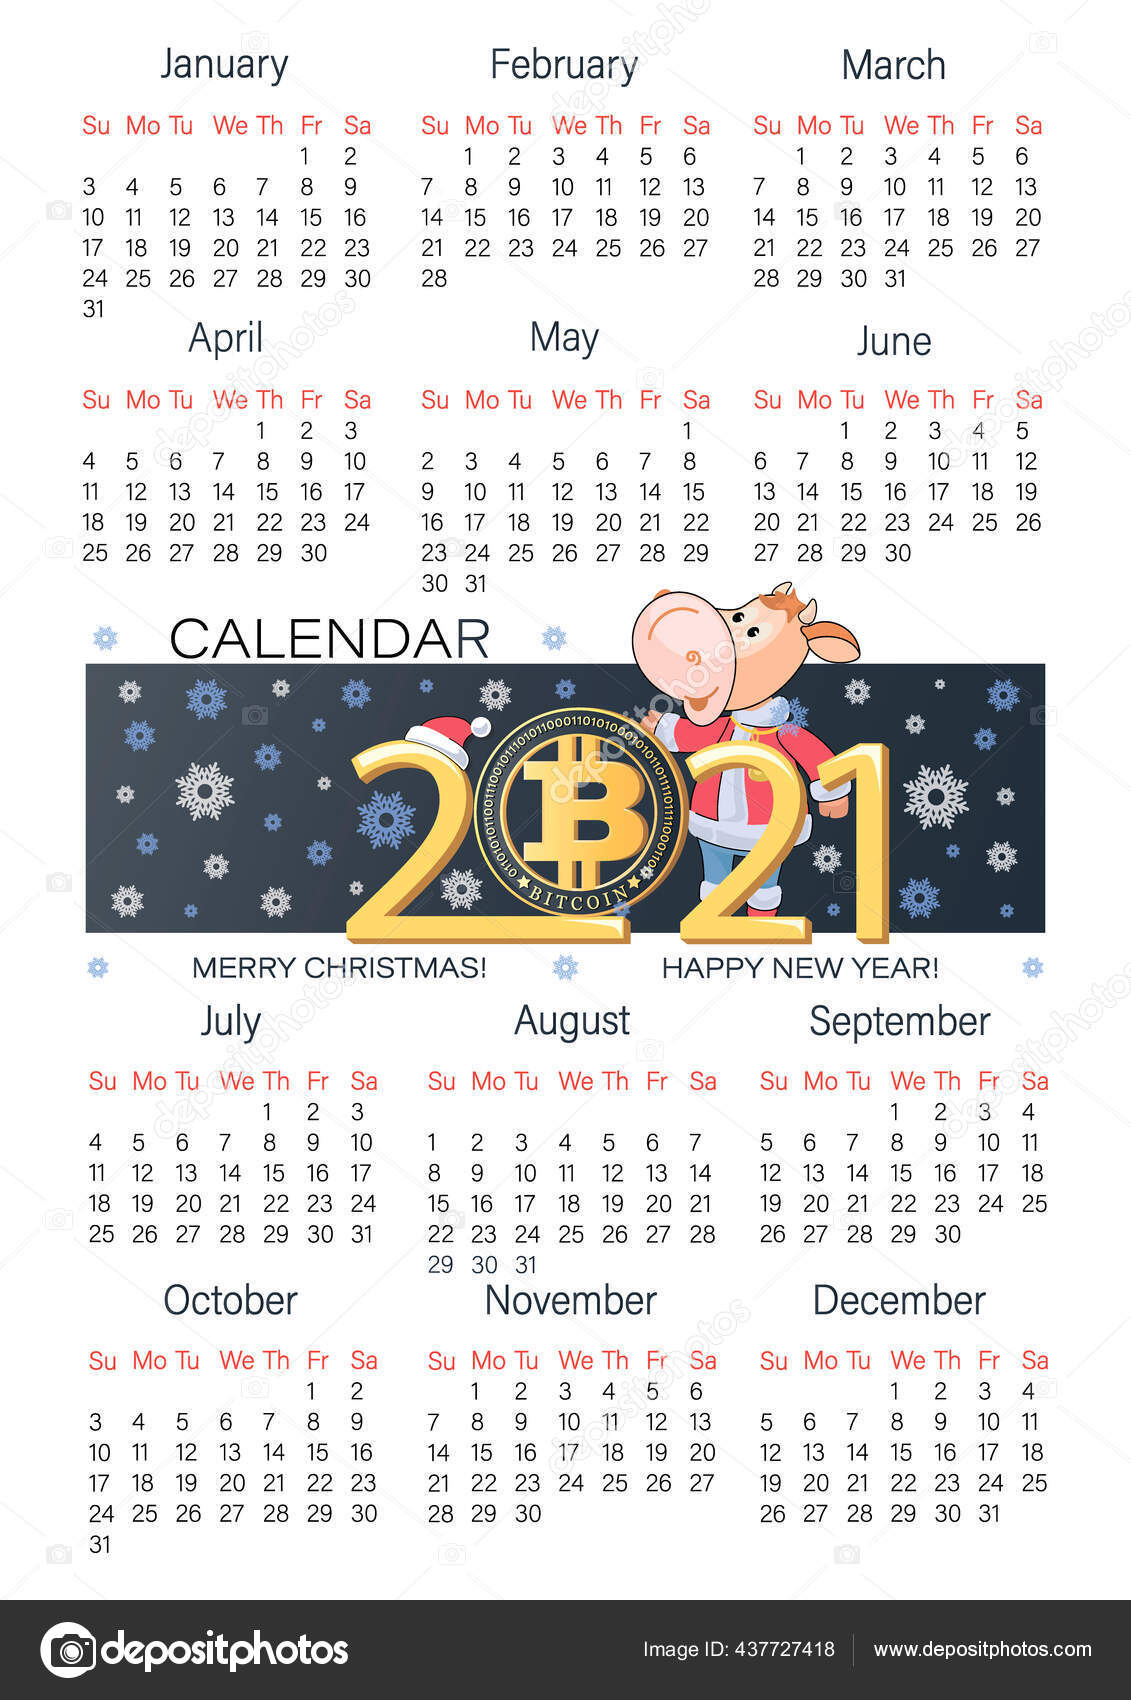 calendarul btc 2021